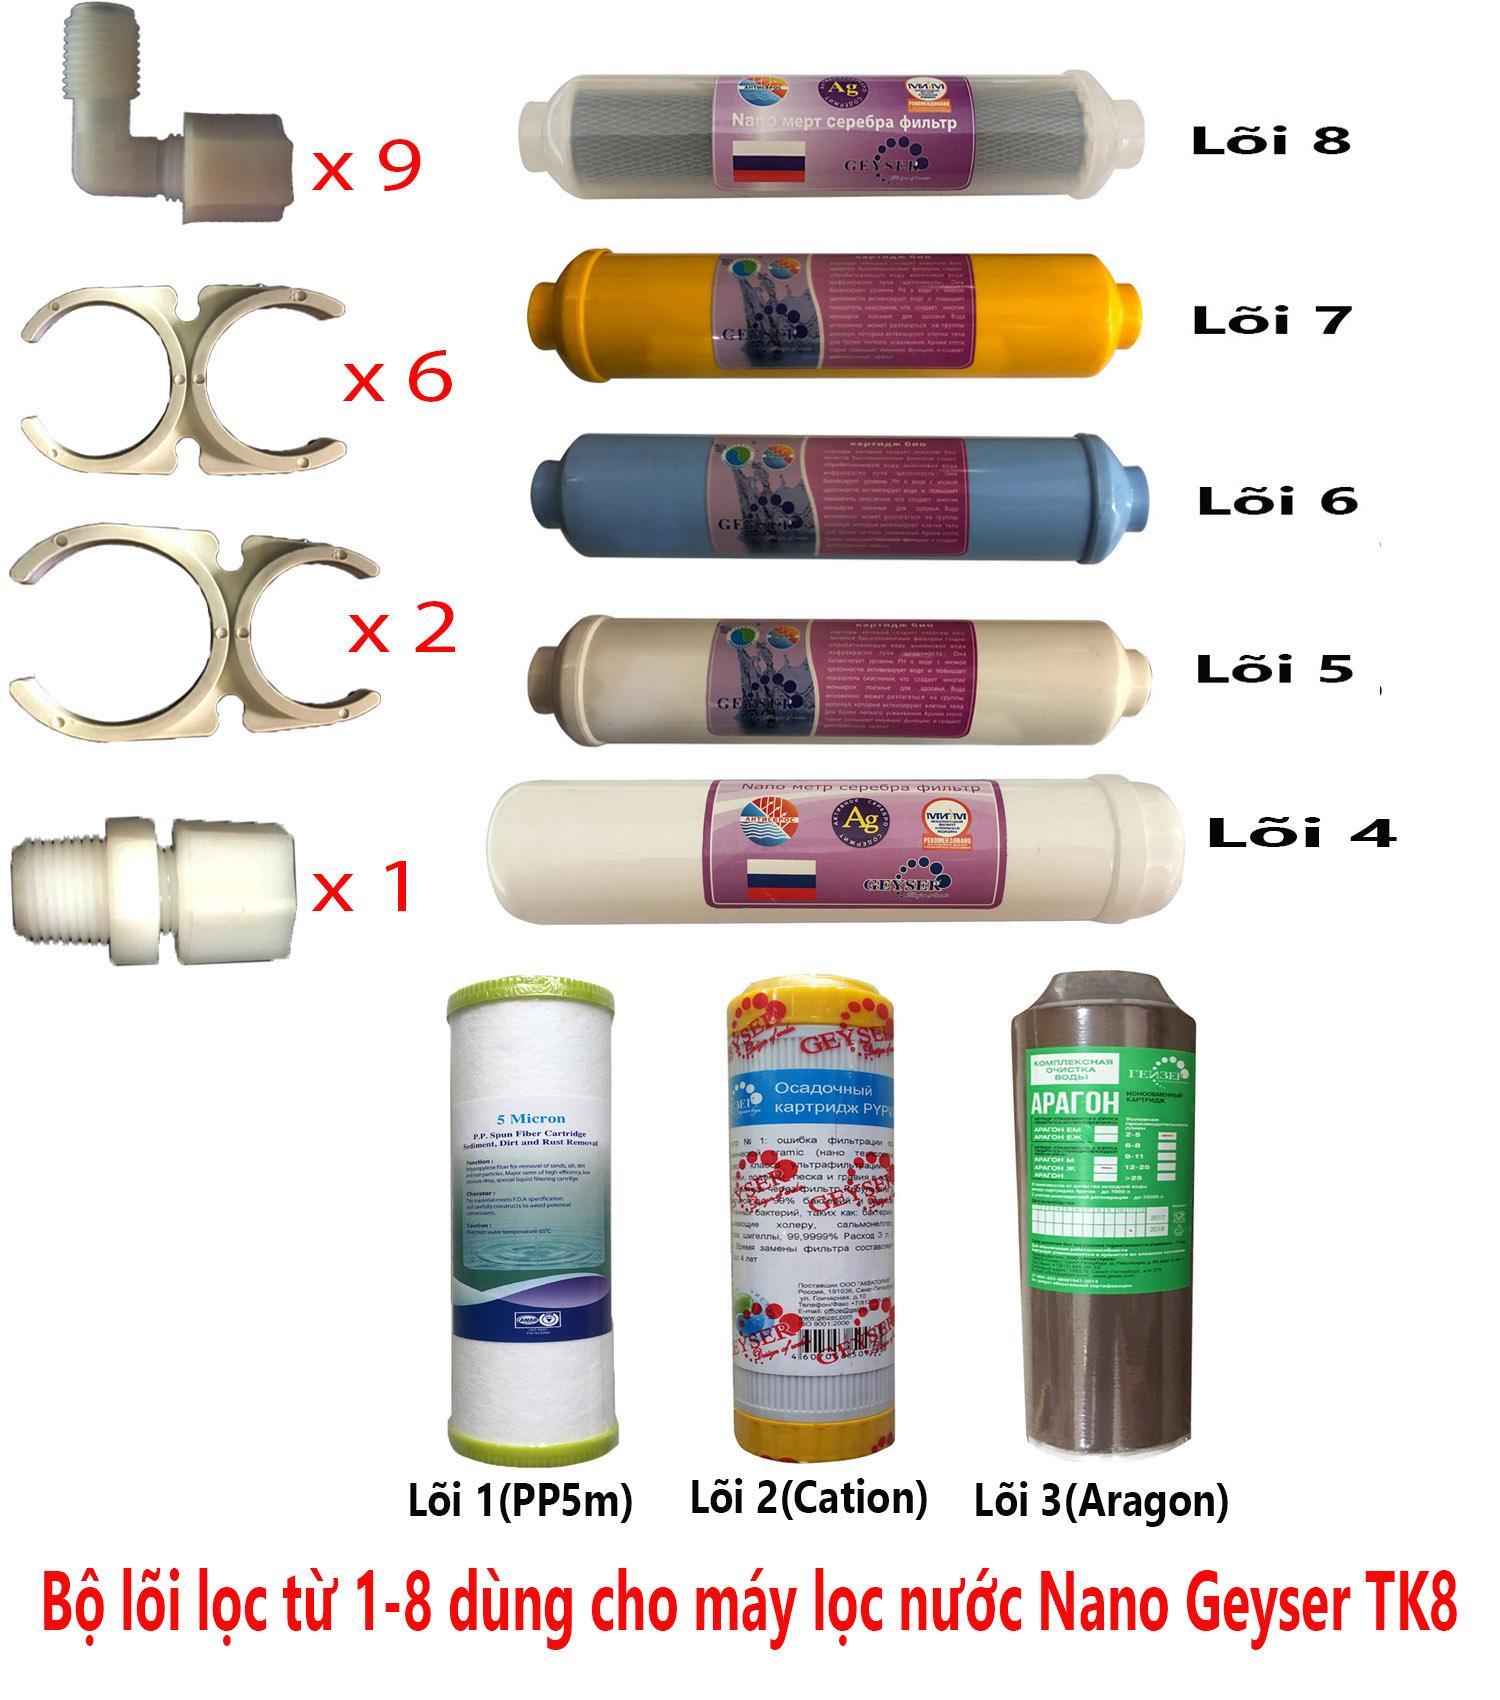 Bộ lõi lọc nước số 1-8 dùng cho máy Nano Geyser TK8